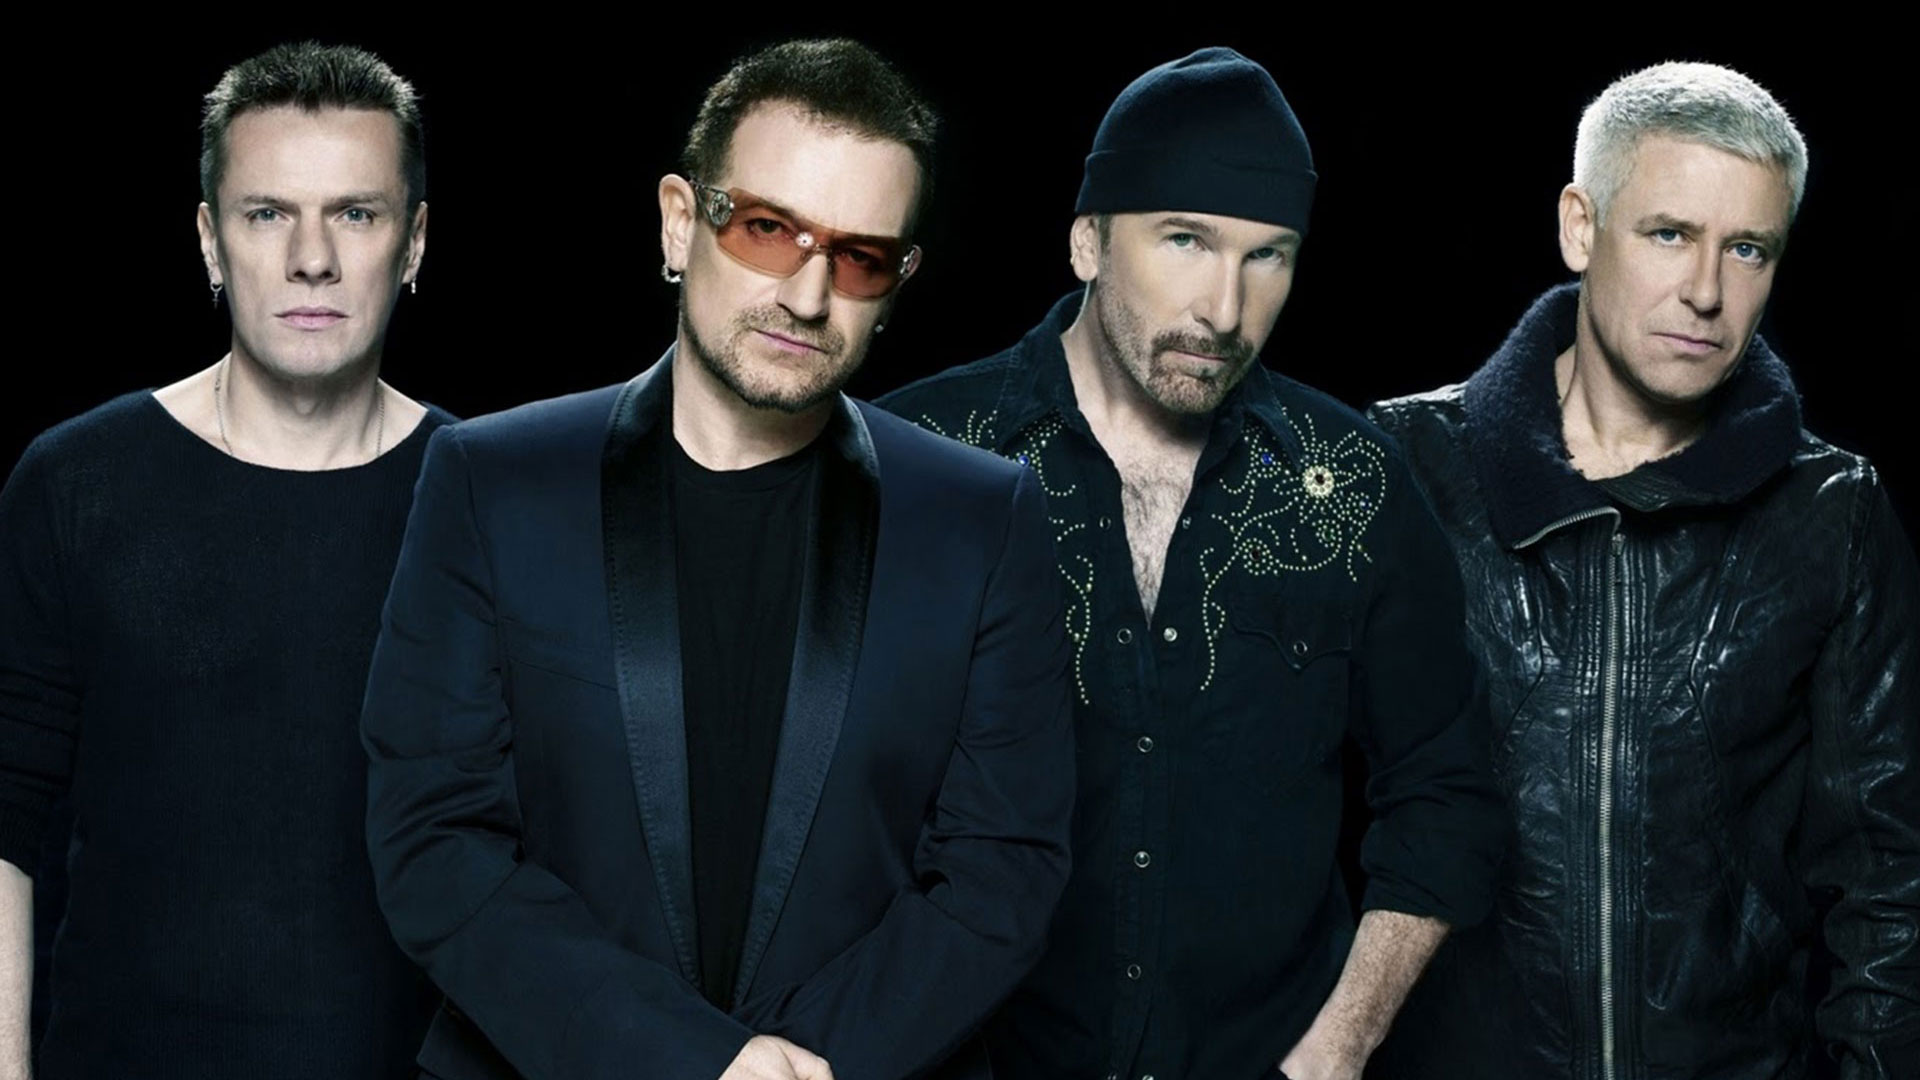 Nueva edición del disco All That You Can´t Leave Behind de U2